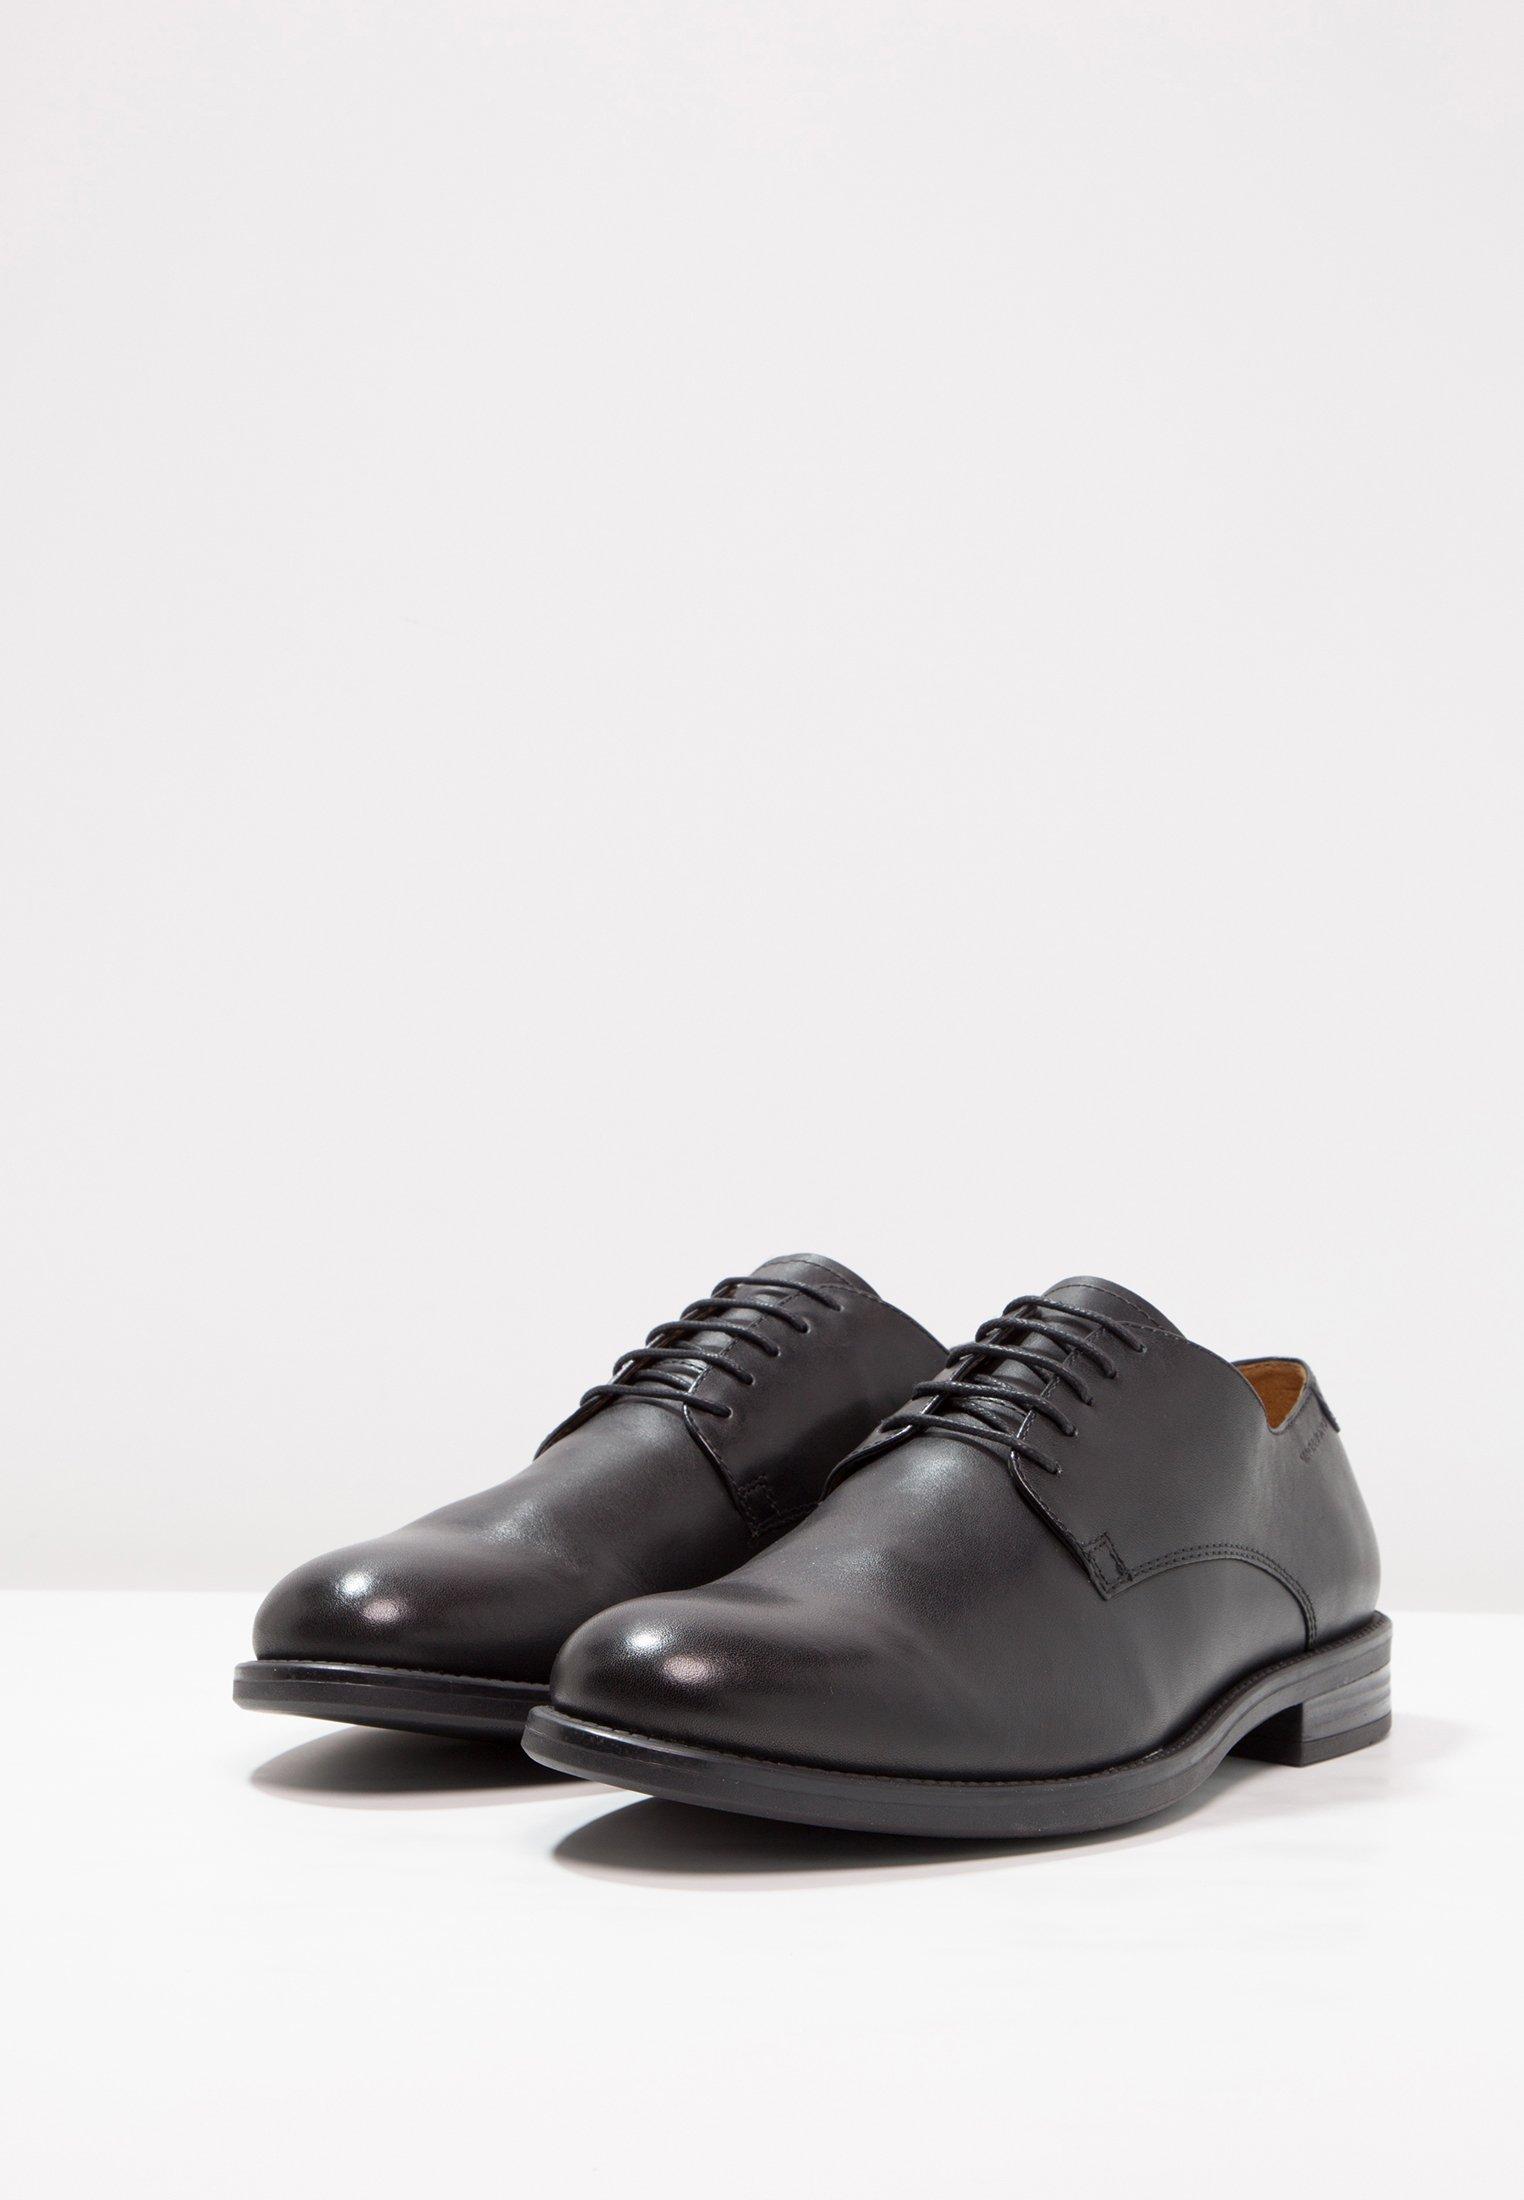 Low Cost Cheapest Vagabond SALVATORE - Smart lace-ups - black | men's shoes 2020 zCsZO